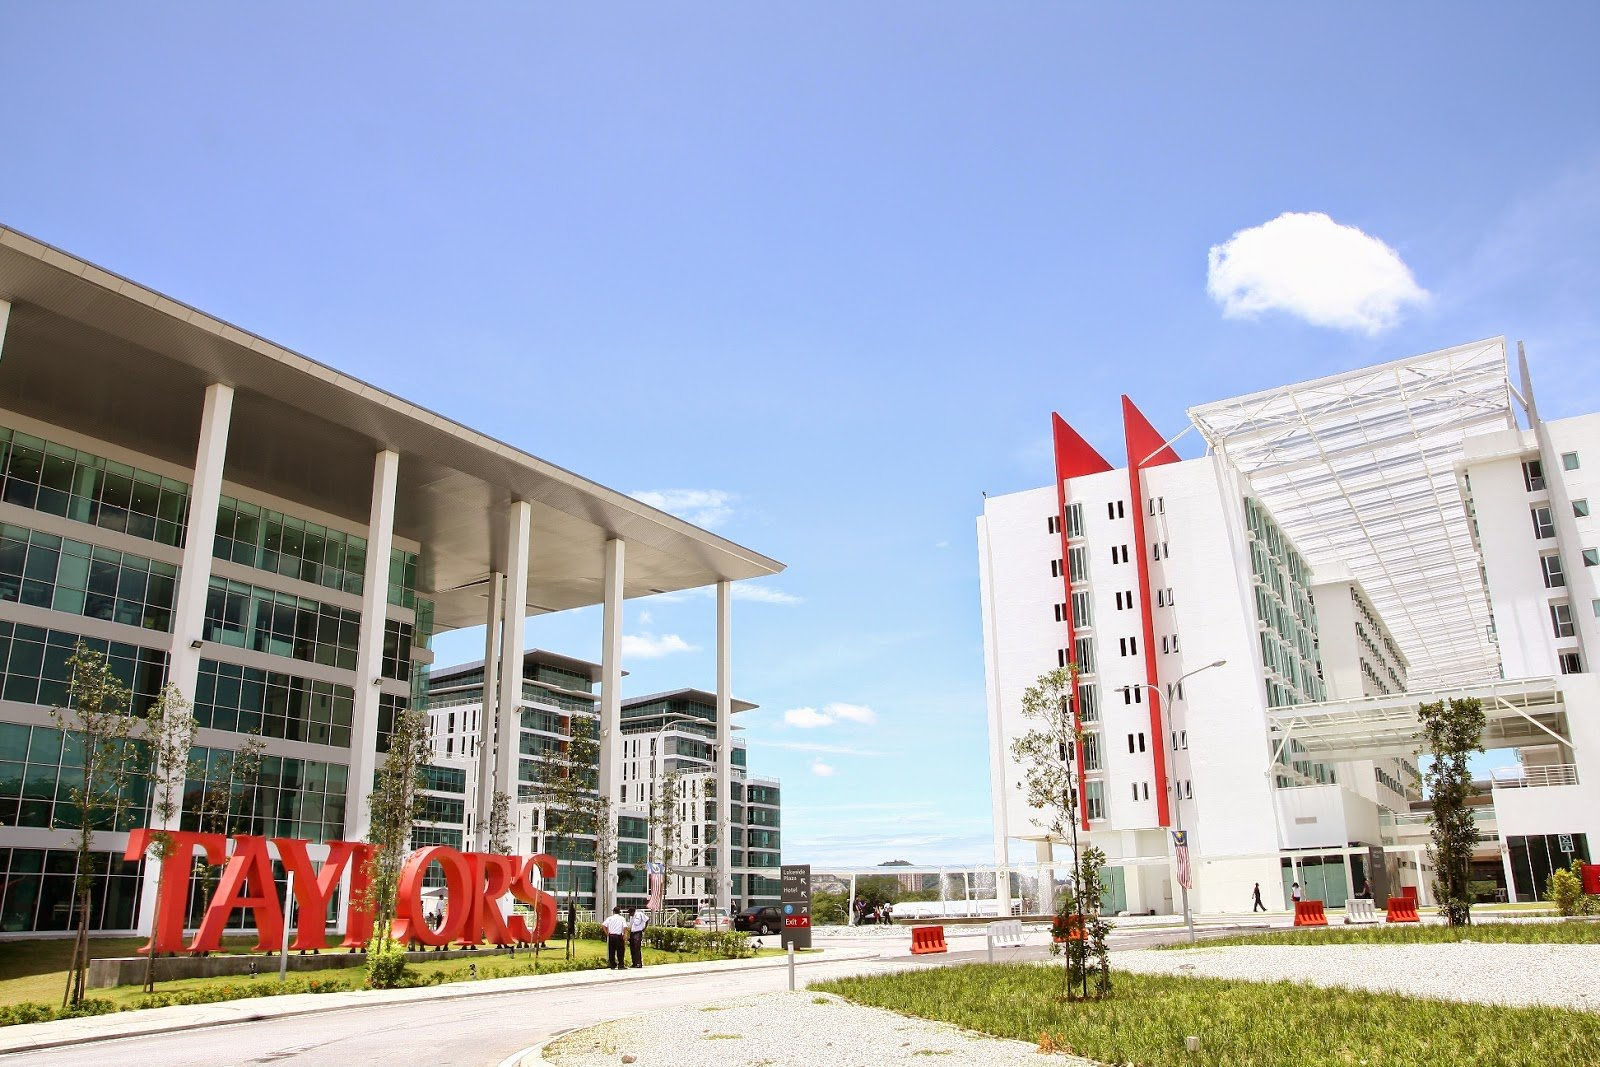 Đại học Taylors được thành lập vào năm 1969, là trường đại học lâu đời và danh tiếng thuộc top đầu của Malaysia. Tại Taylors, sinh viên sẽ được học tập và sinh hoạt trong một môi trường quốc tế đa sắc màu với sinh viên đến từ 70 quốc gia trên toàn thế giới. Có rất nhiều lý do khiến Taylors đươc yêu mến và lựa chọn, hãy cùng nhau tìm hiểu nhé!